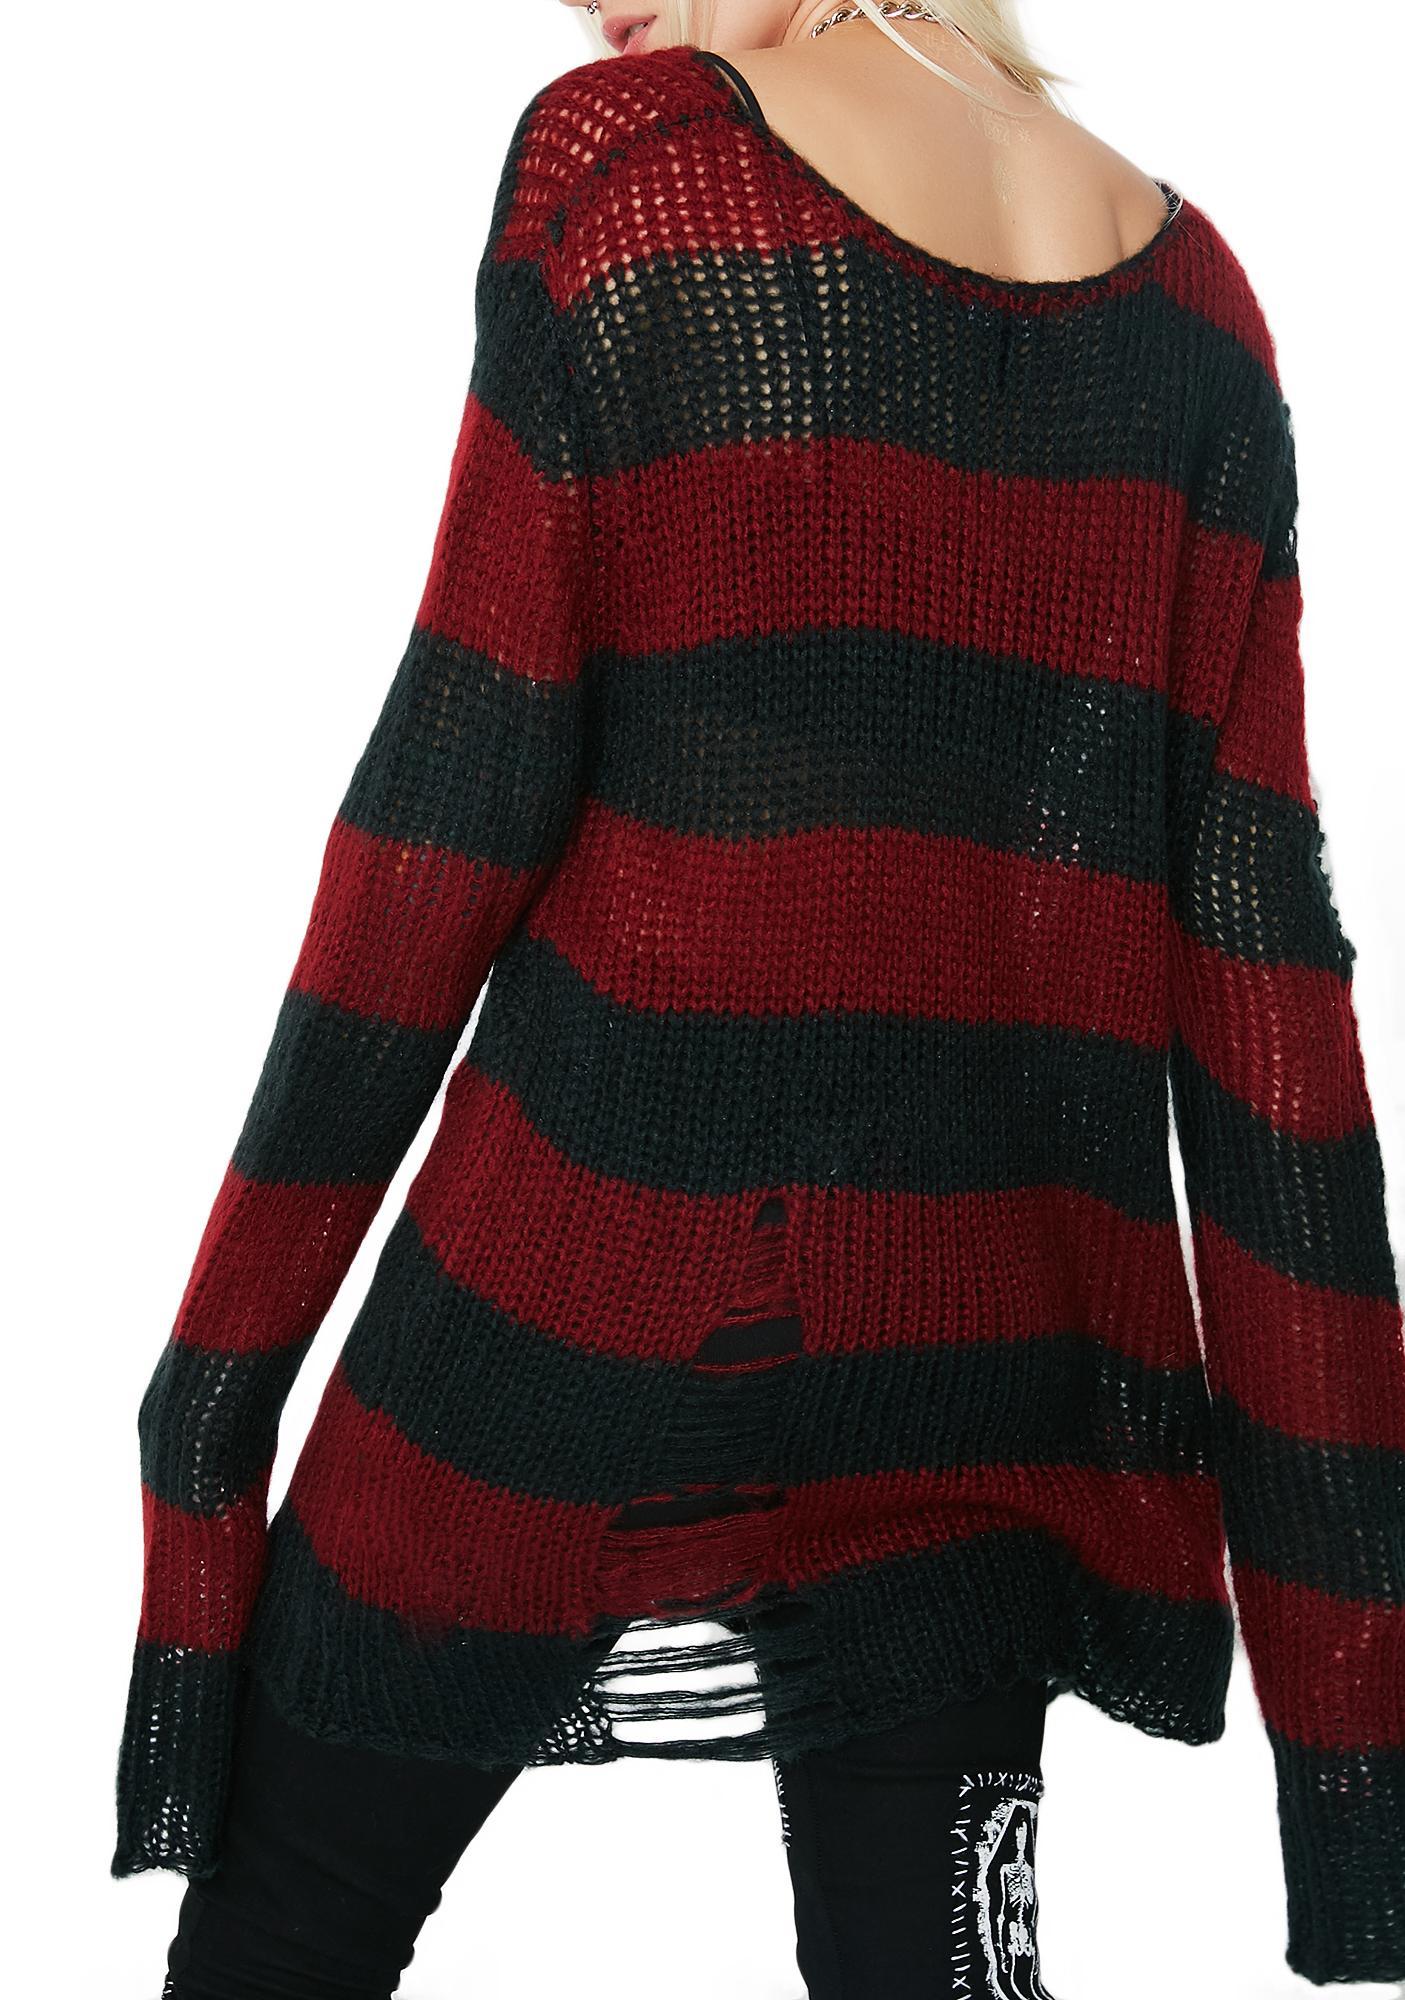 Current Mood Striped Distressed Sweater Dolls Kill